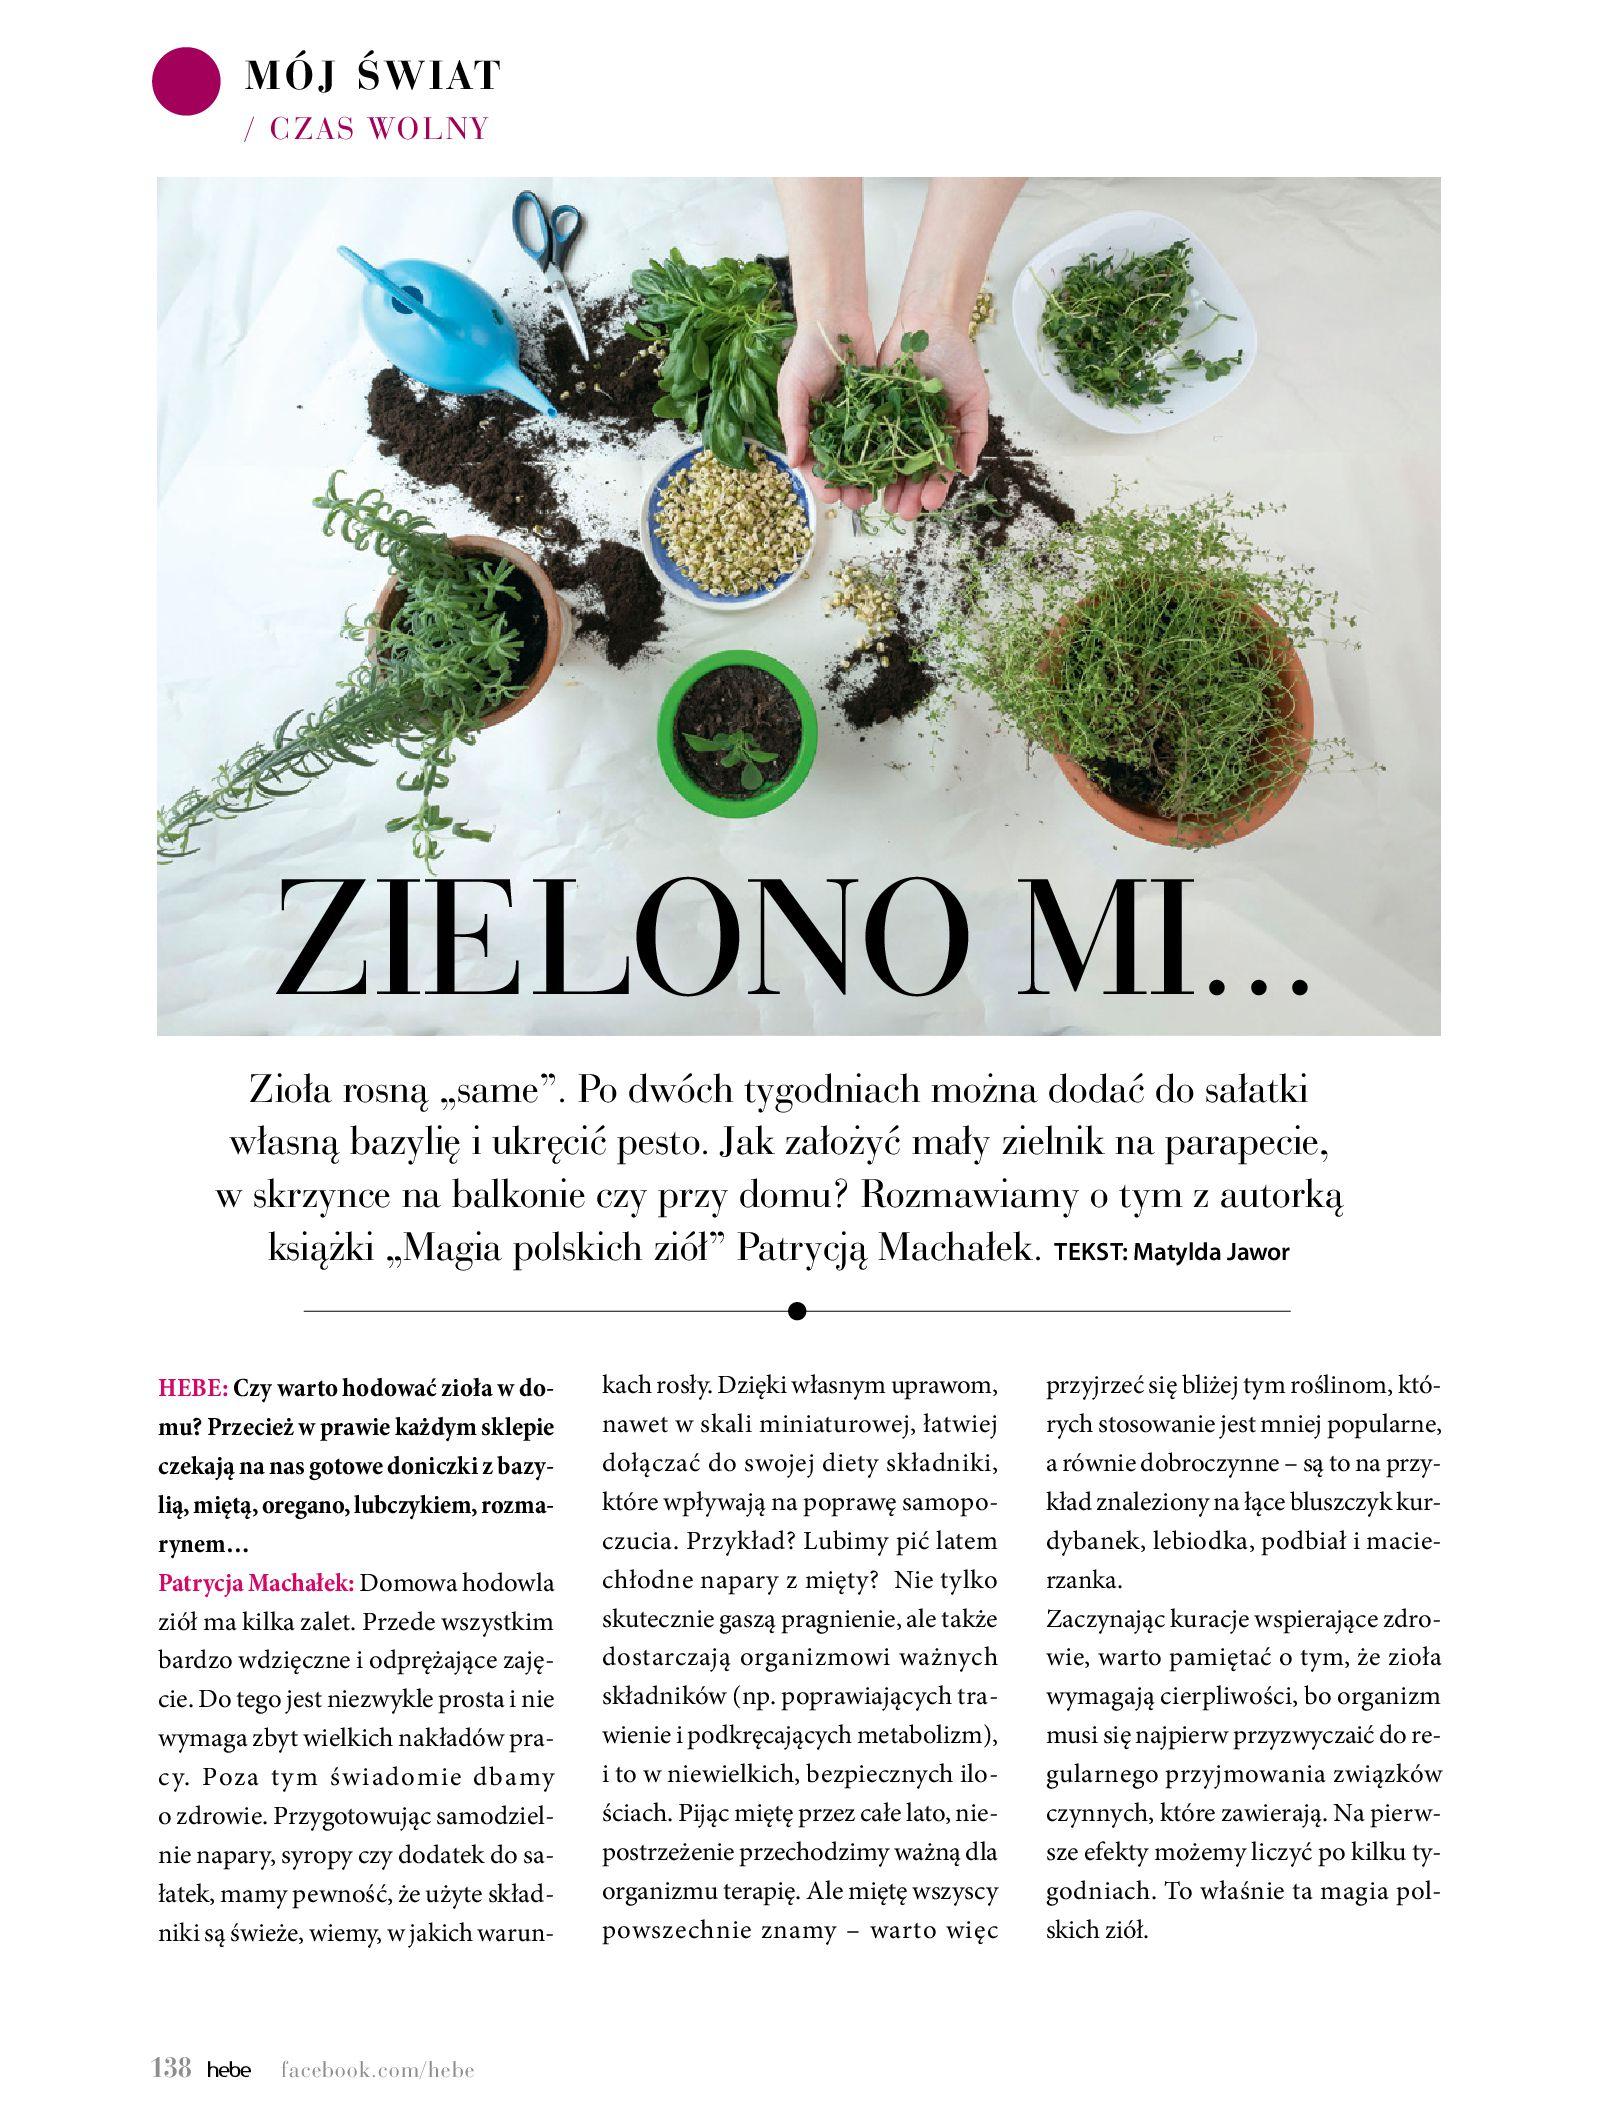 Gazetka hebe - Magazyn Hebe-30.06.2020-31.08.2020-page-138